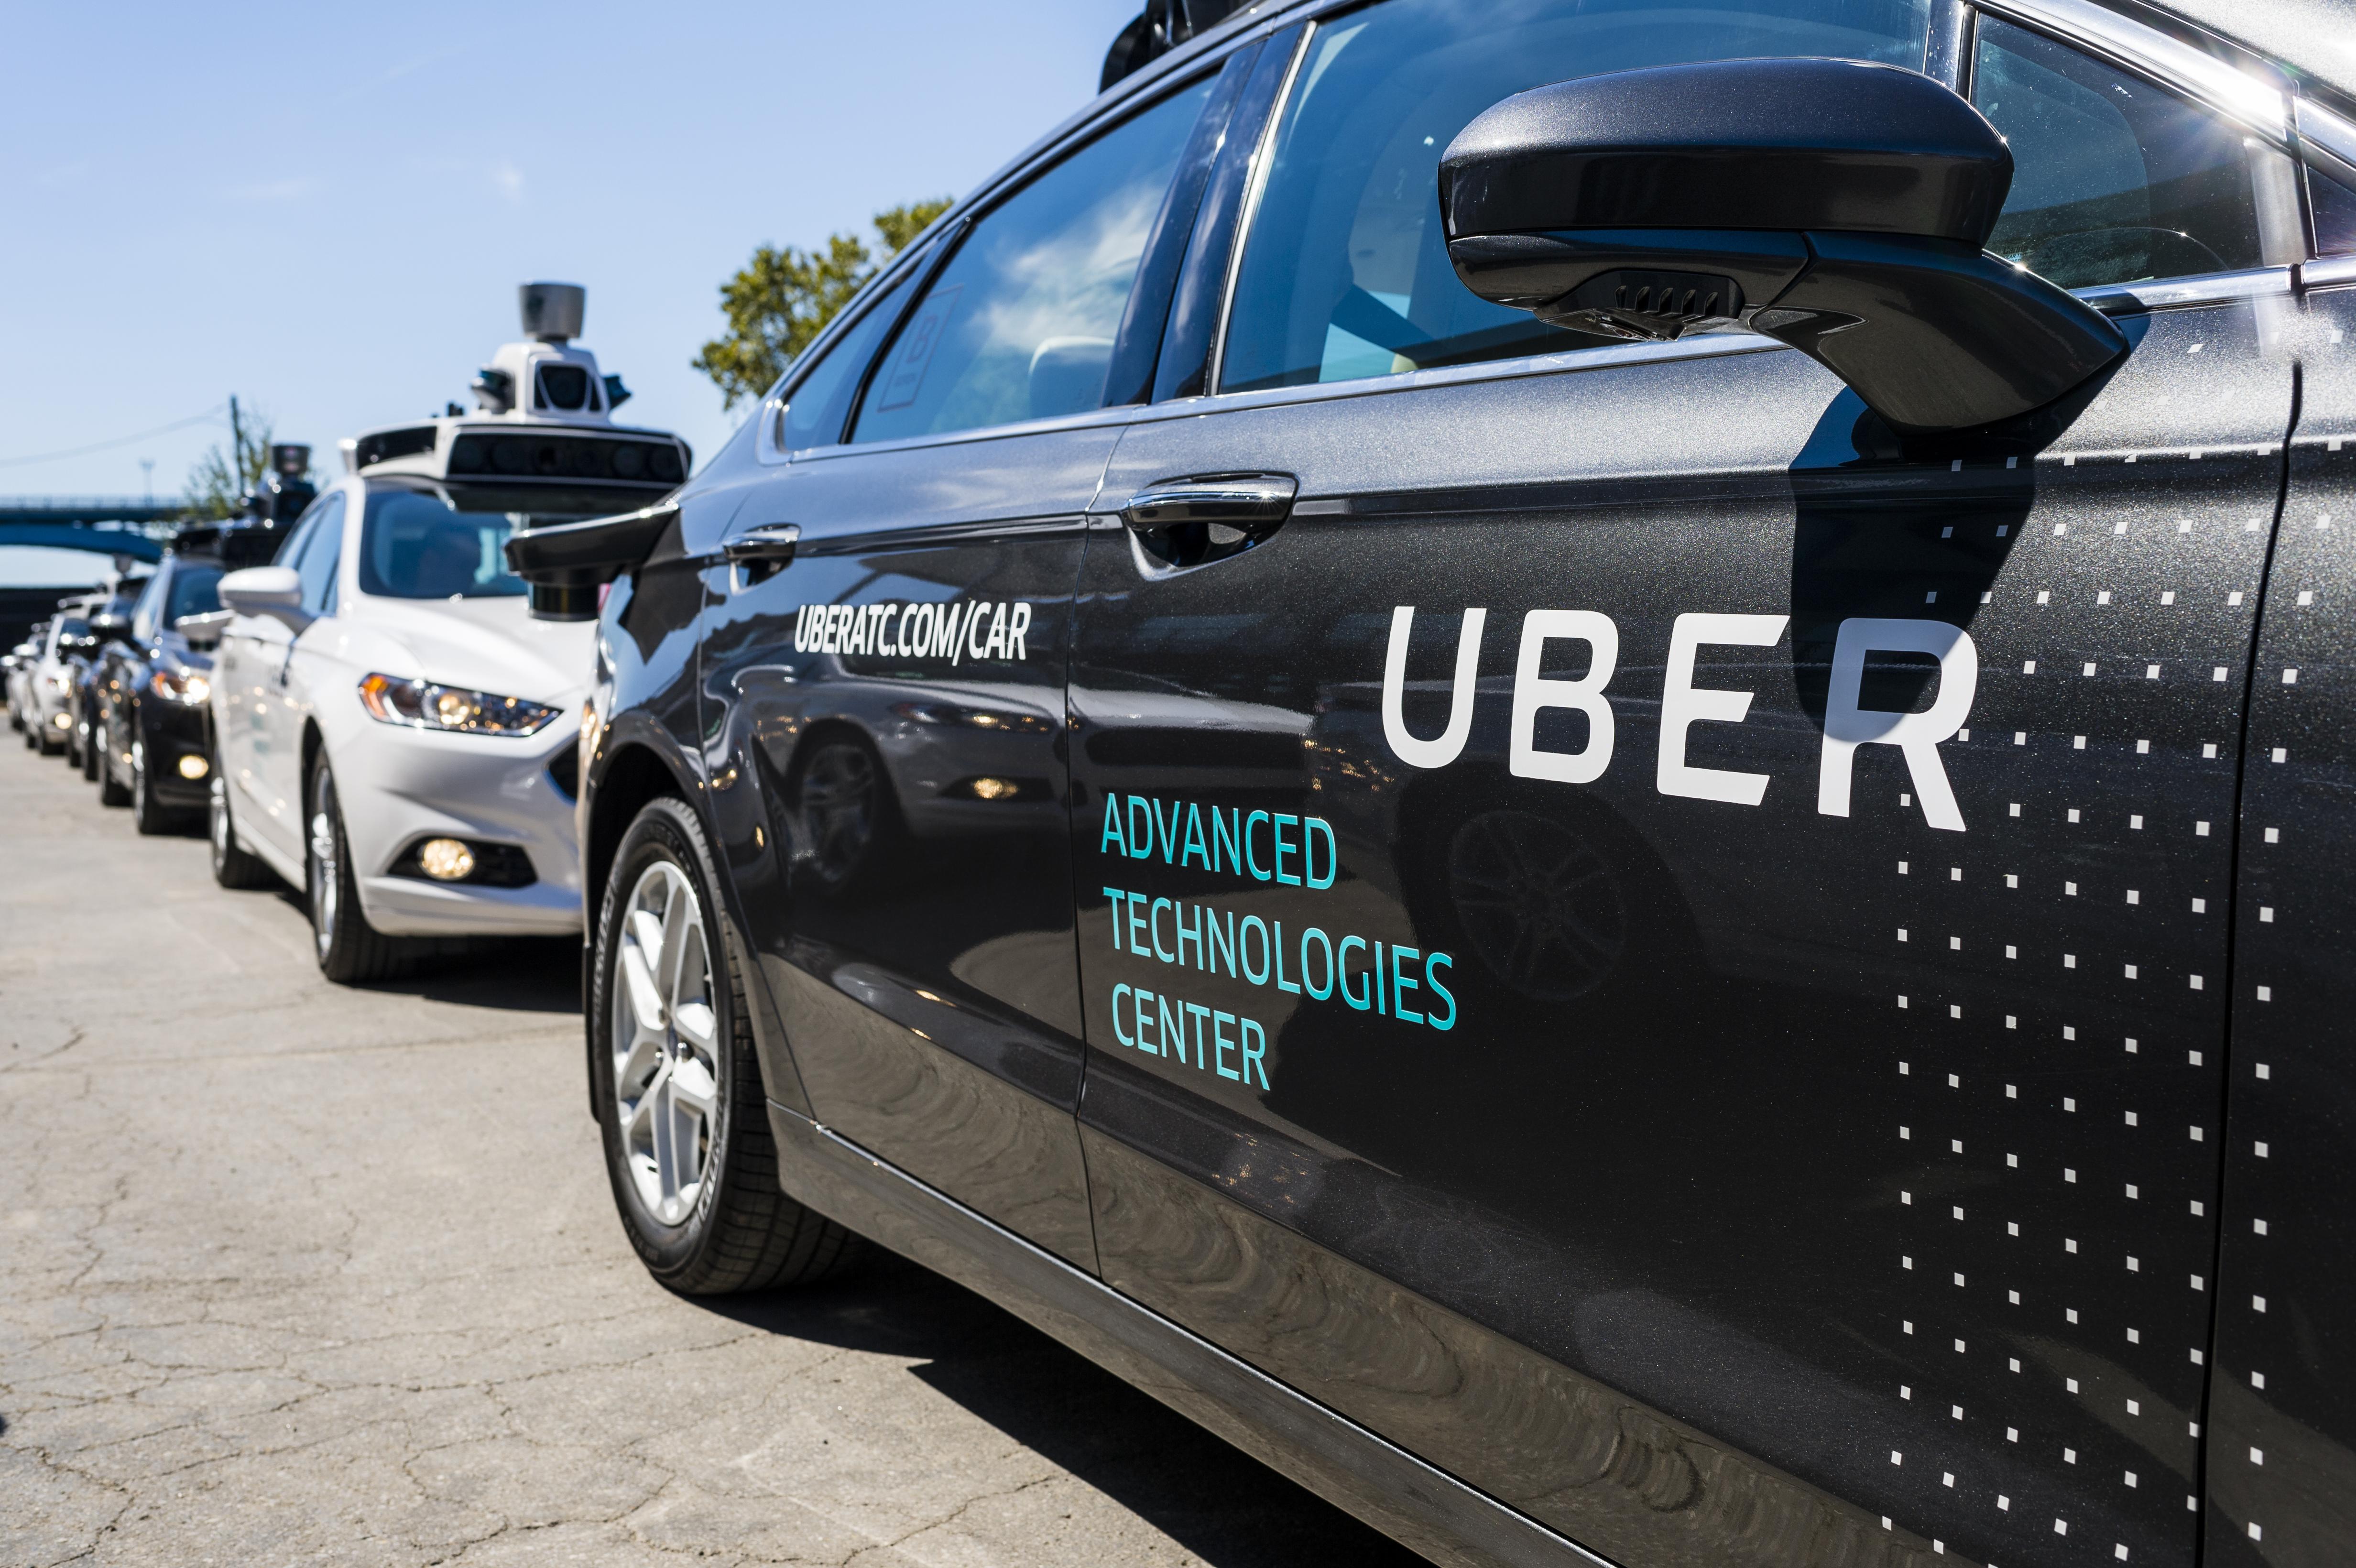 A Voice-ot nézte a telefonján a sofőr, amikor az önvezető Uber halálra gázolt egy gyalogost